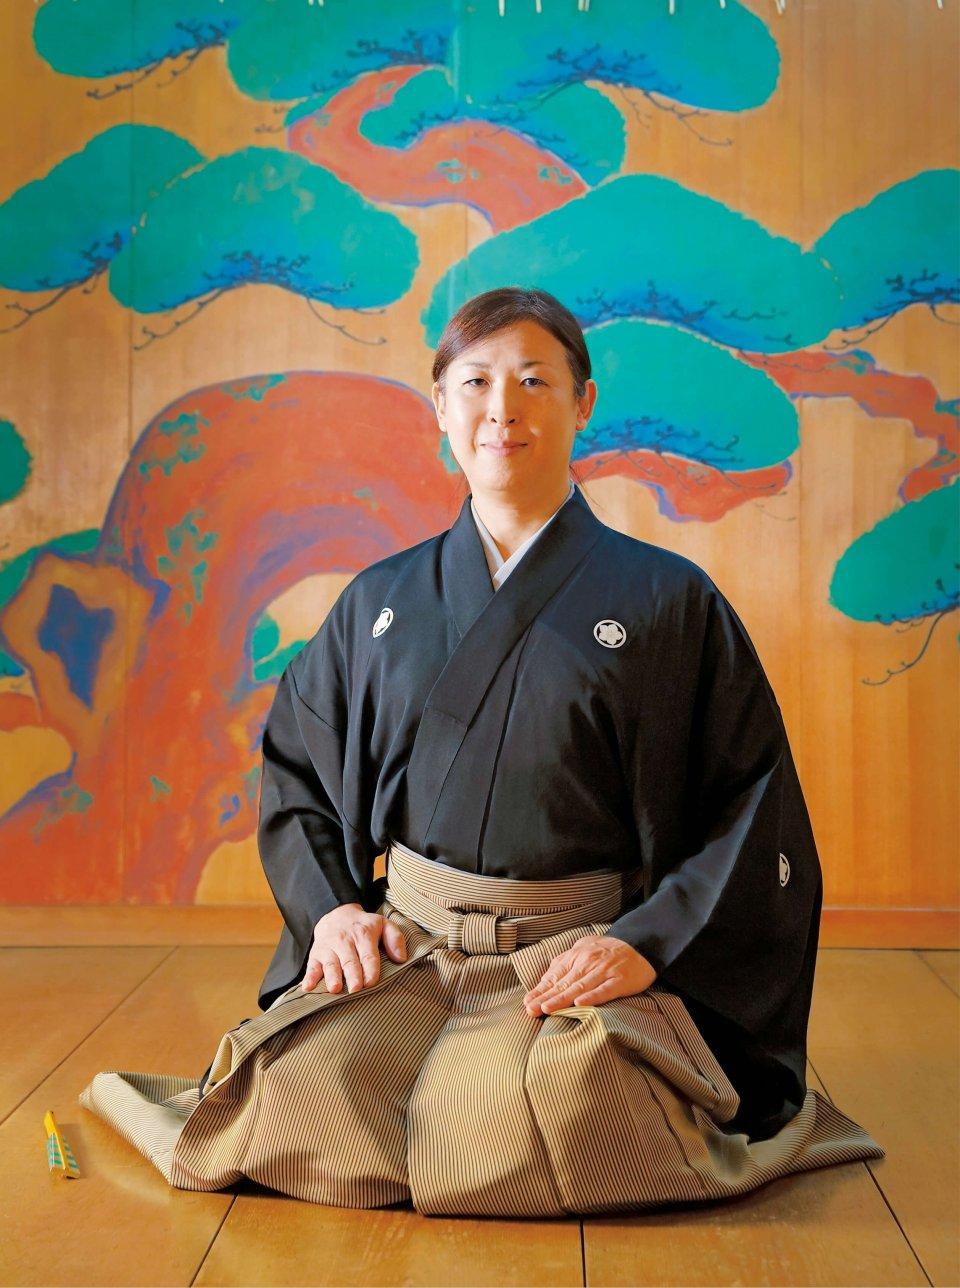 「能楽は鎮魂や浄化、祈りの心を使命とした伝承文化。これからも東北へ届け続けていきたい」